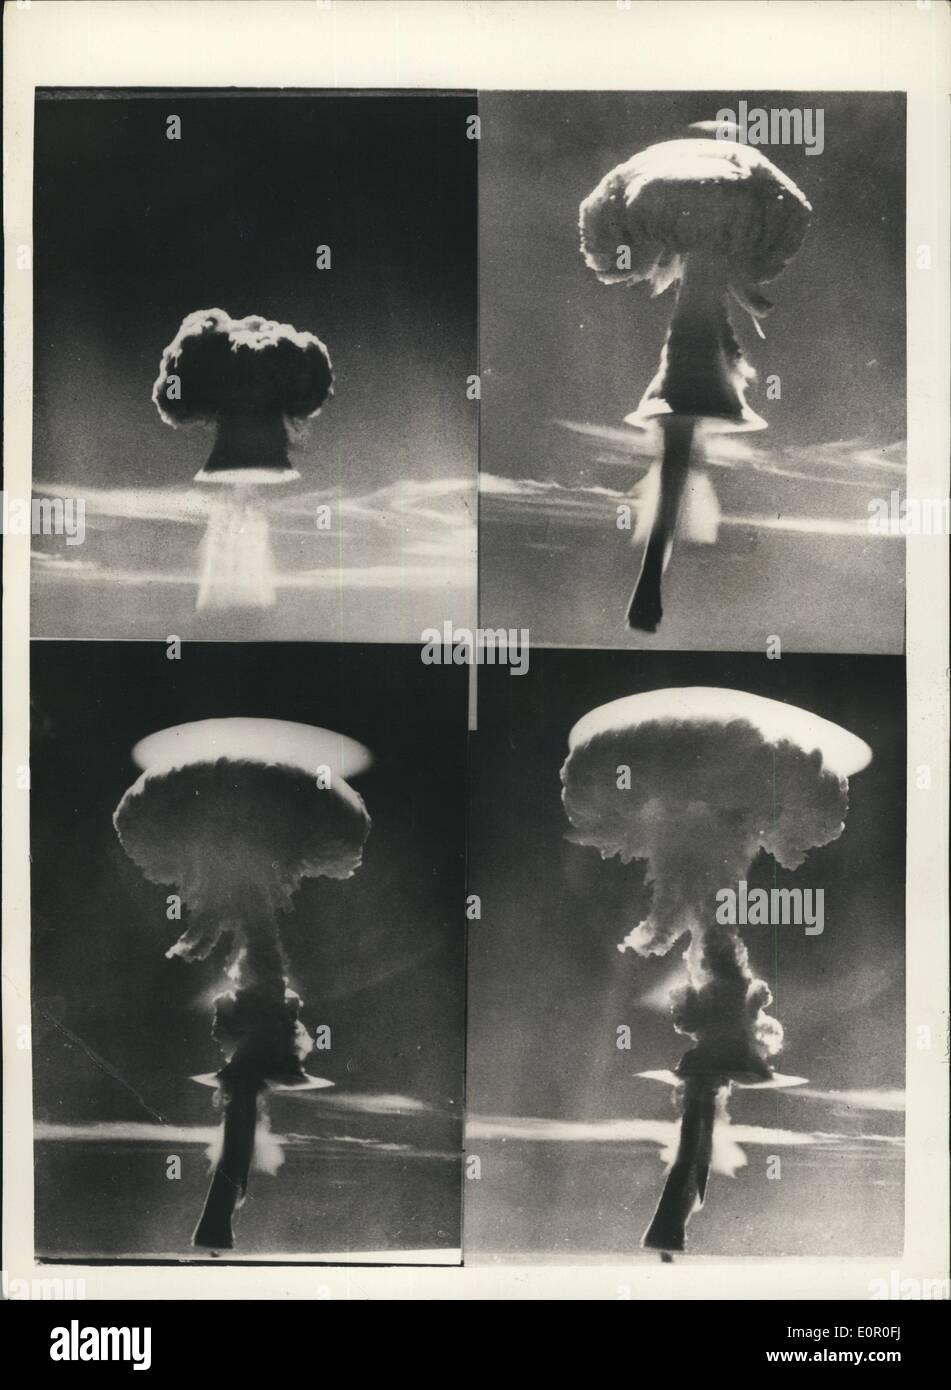 Jun 06, 1957 - Fotografía oficial británico crecido copyright reservados: Una foto oficial de Gran Bretaña de la tercera explosión de ensayo de armas nucleares que tuvo lugar el 19 de junio de 1957. El dispositivo fue bajado a gran altitud en la zona de la Isla de Navidad del Pacífico central. Esta explosión completa la actual serie de pruebas. La foto muestra una serie de cuatro fotografías mostrando Gran Bretaña del tercer ensayo de explosión nuclear. Foto de stock